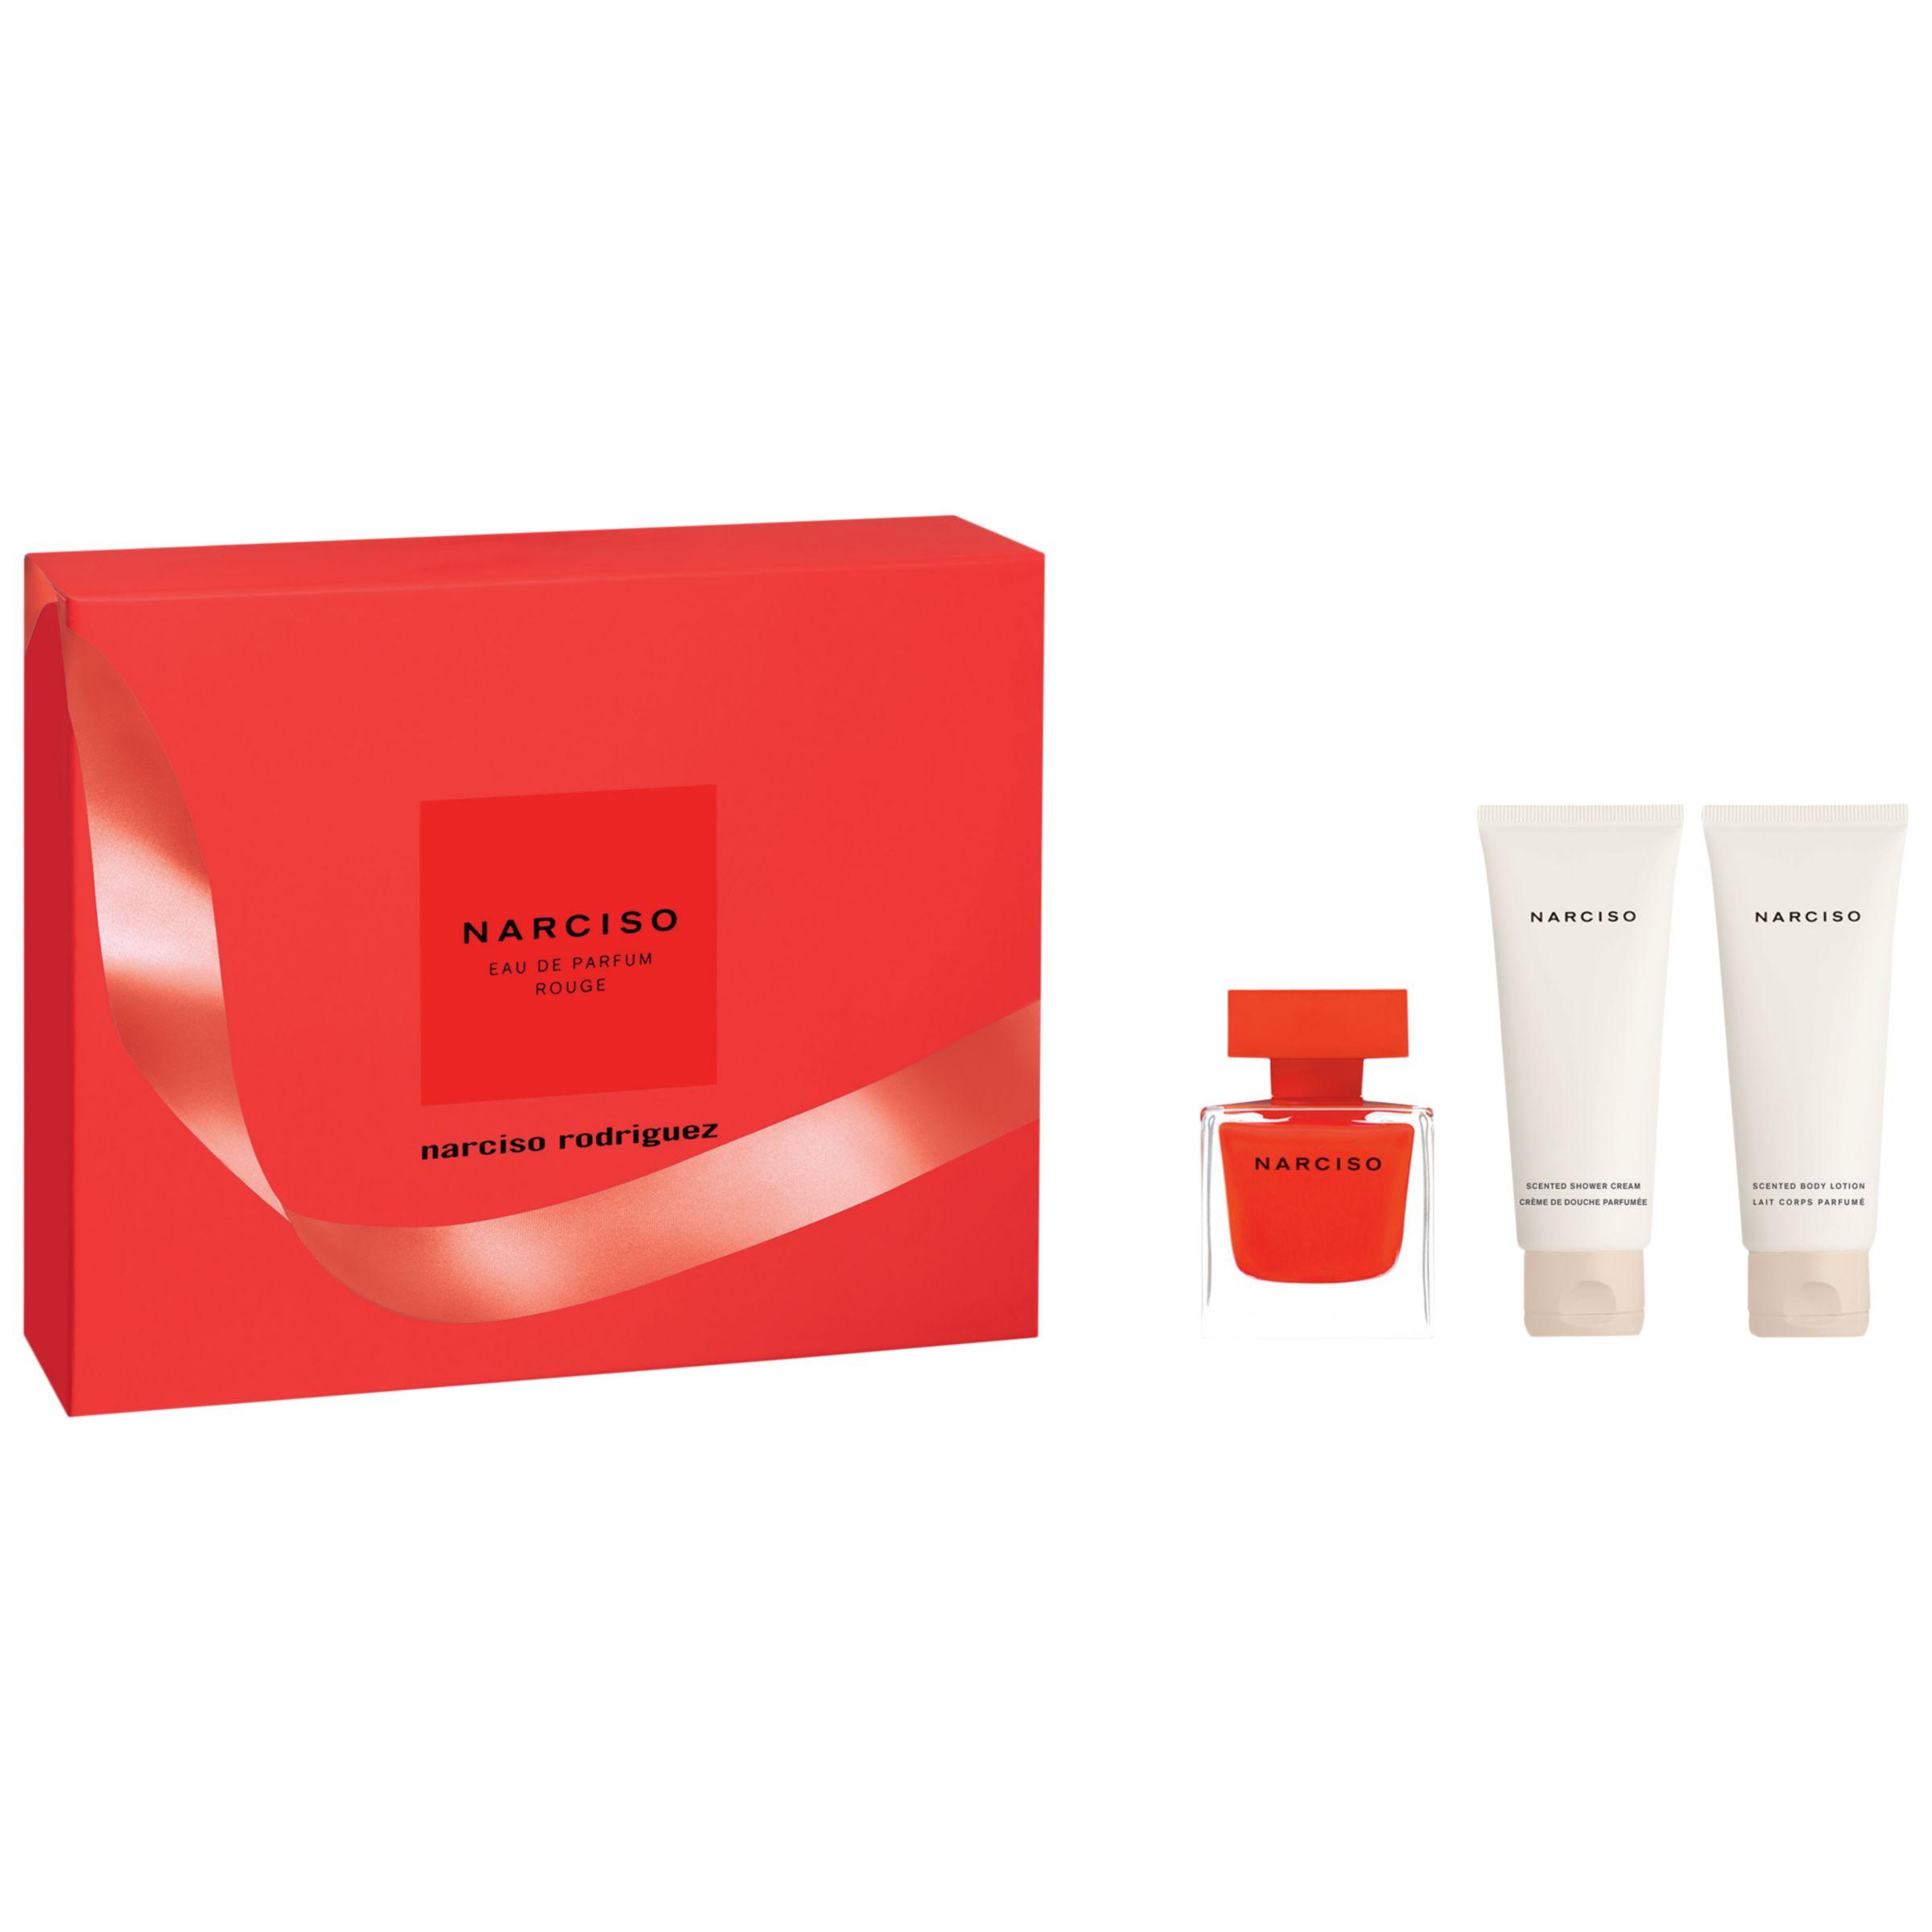 Narciso Rodriguez Narciso Rouge Eau de Parfum 50ml Gift Set